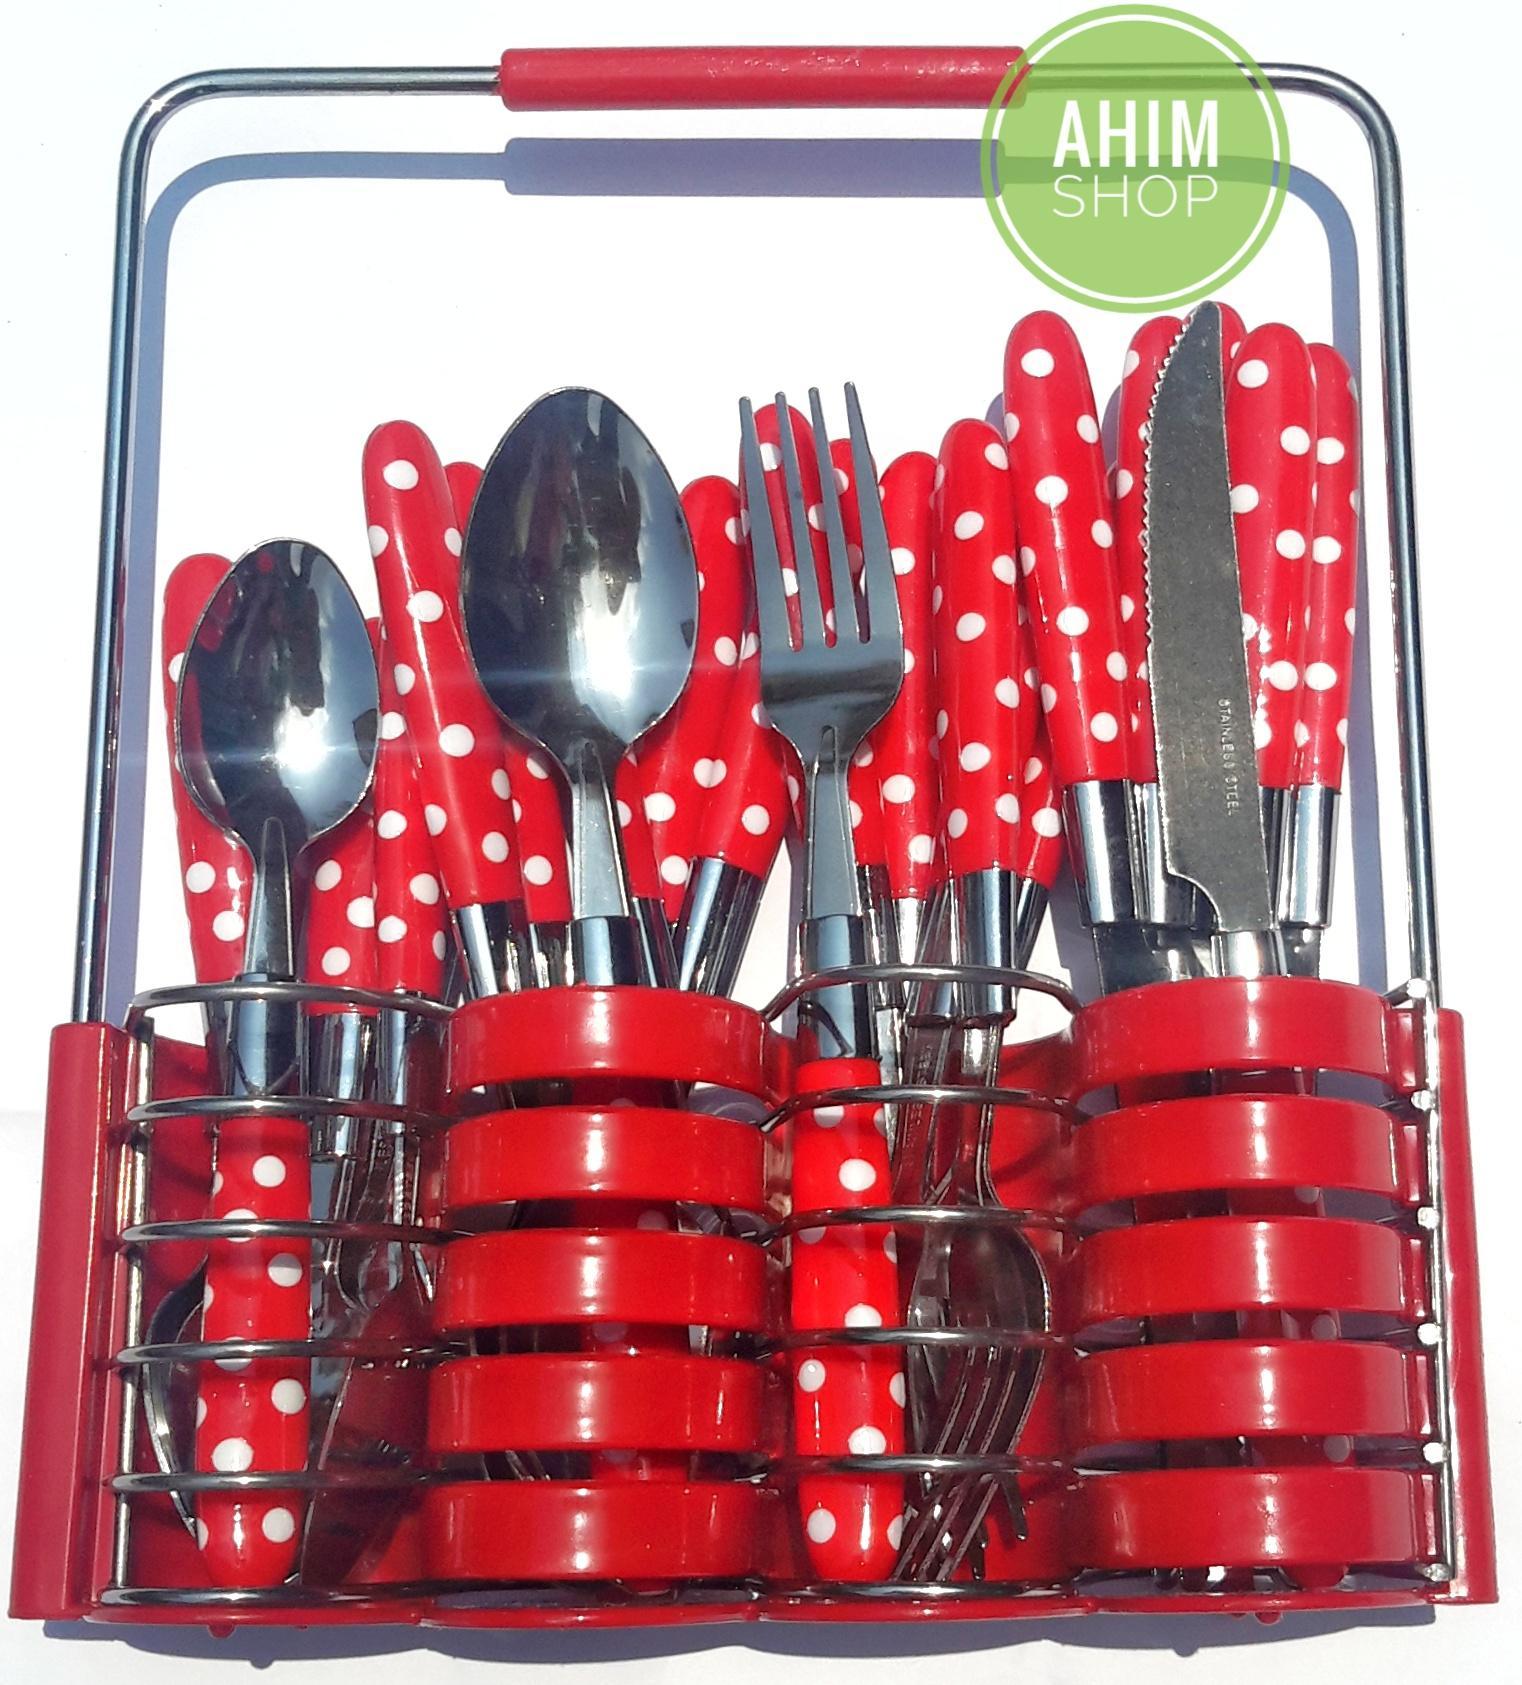 Ahim Shop 24 pcs Cutlery Set dengan Motif Polkadot berwarna Merah (Red) yang Anggun, Elegant & Menarik ini terbuat dari bahan Stainless Steel dengan ...